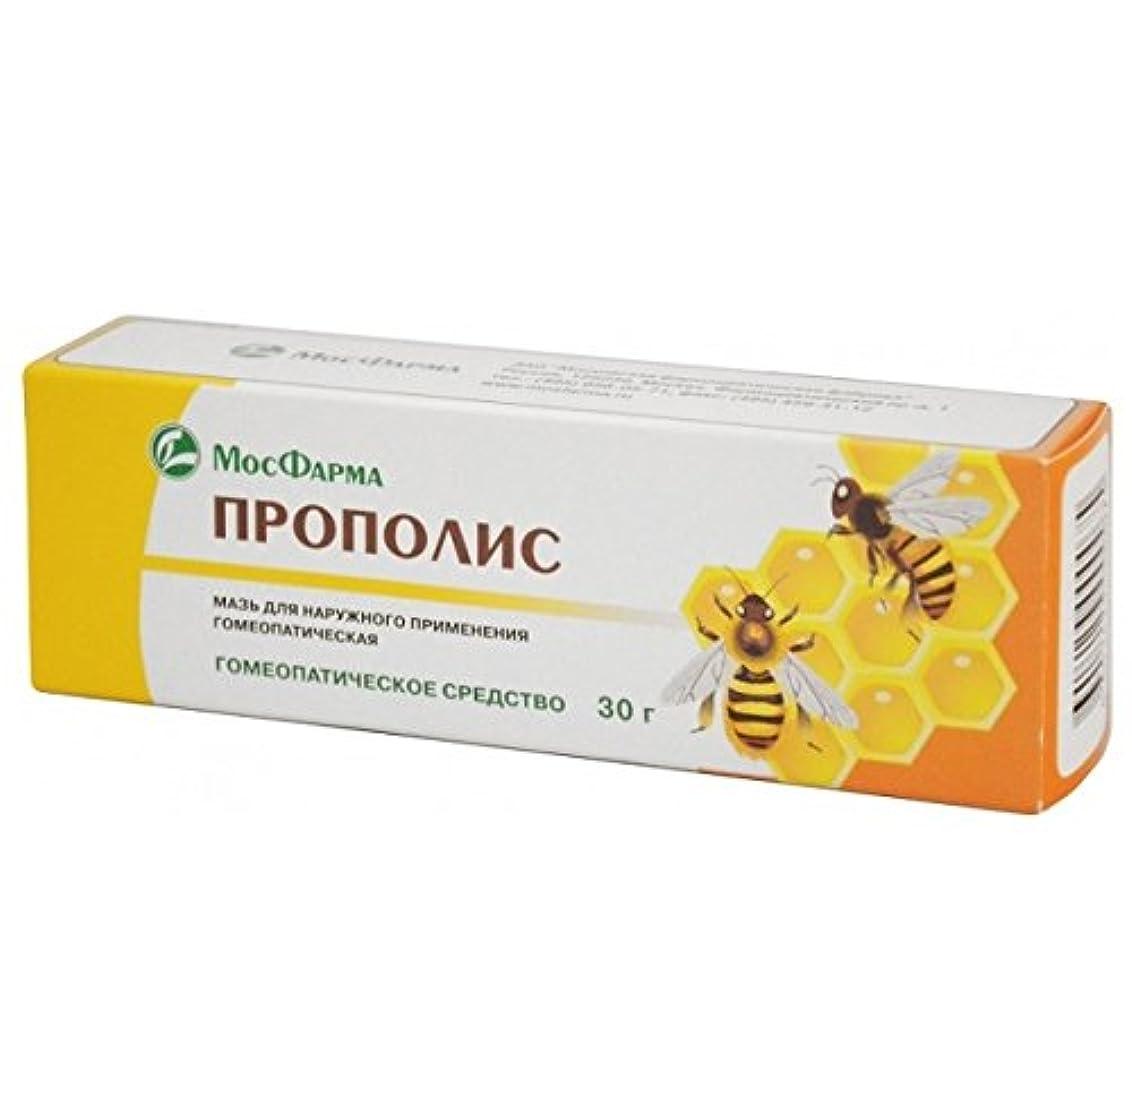 下に向けます学校教育精査するPropolis ointment 30gr. プロポリス軟膏